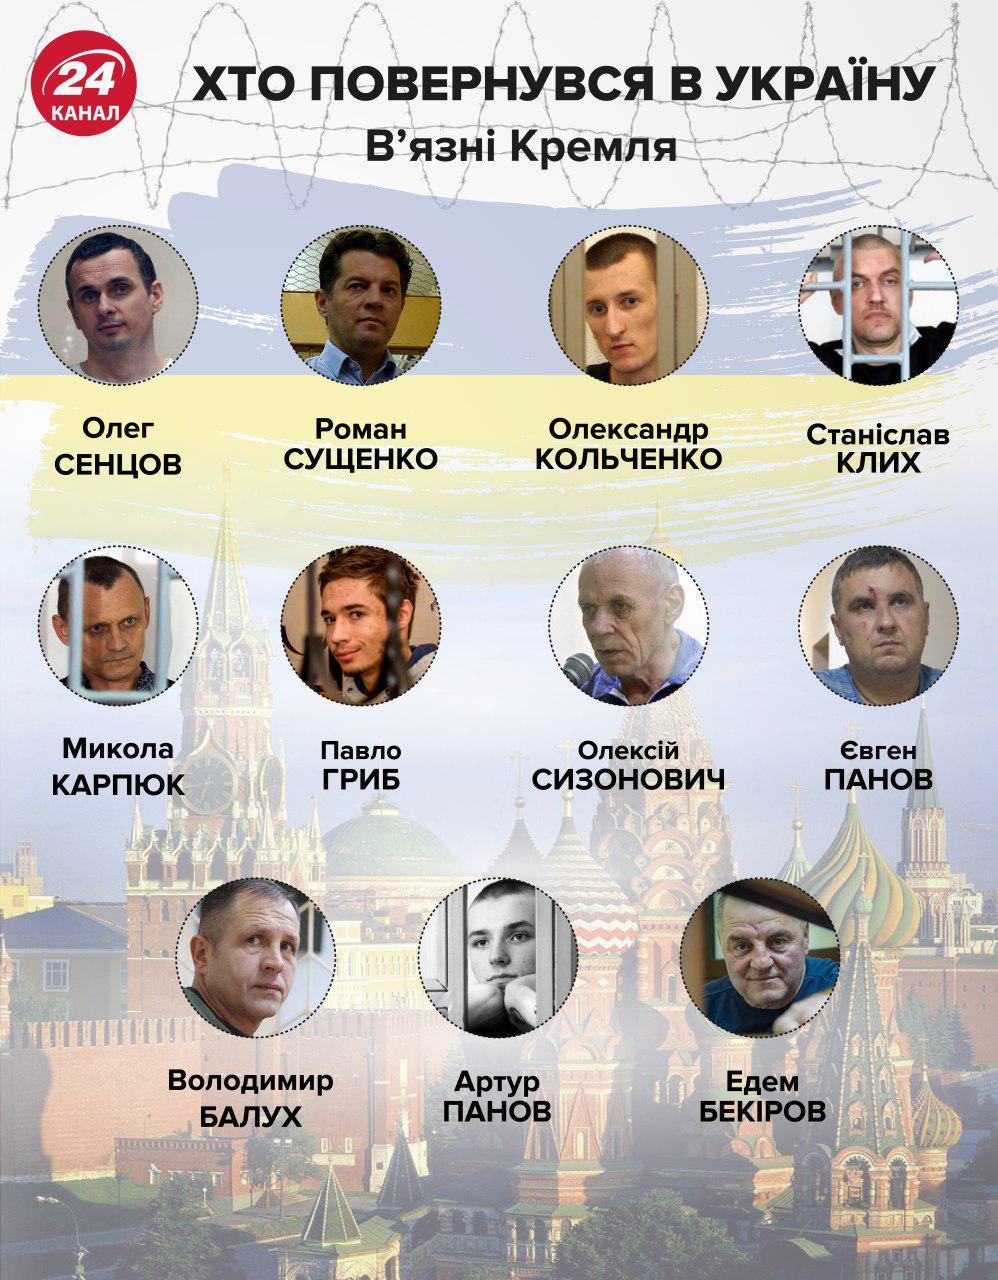 Политзаключенные украинцы / фото 24 канал